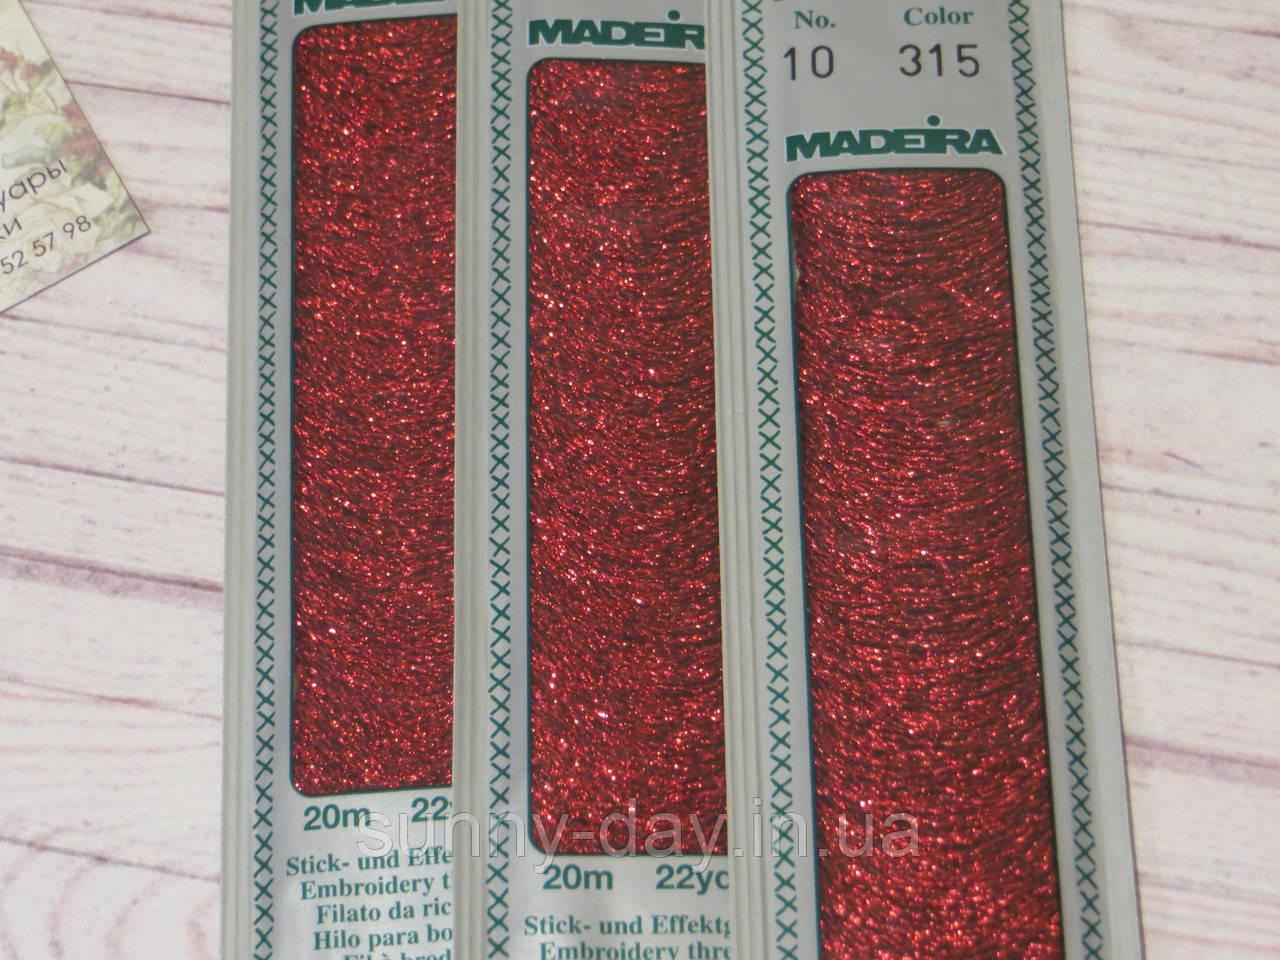 Madeira Metallic Perle №10 , цвет 315